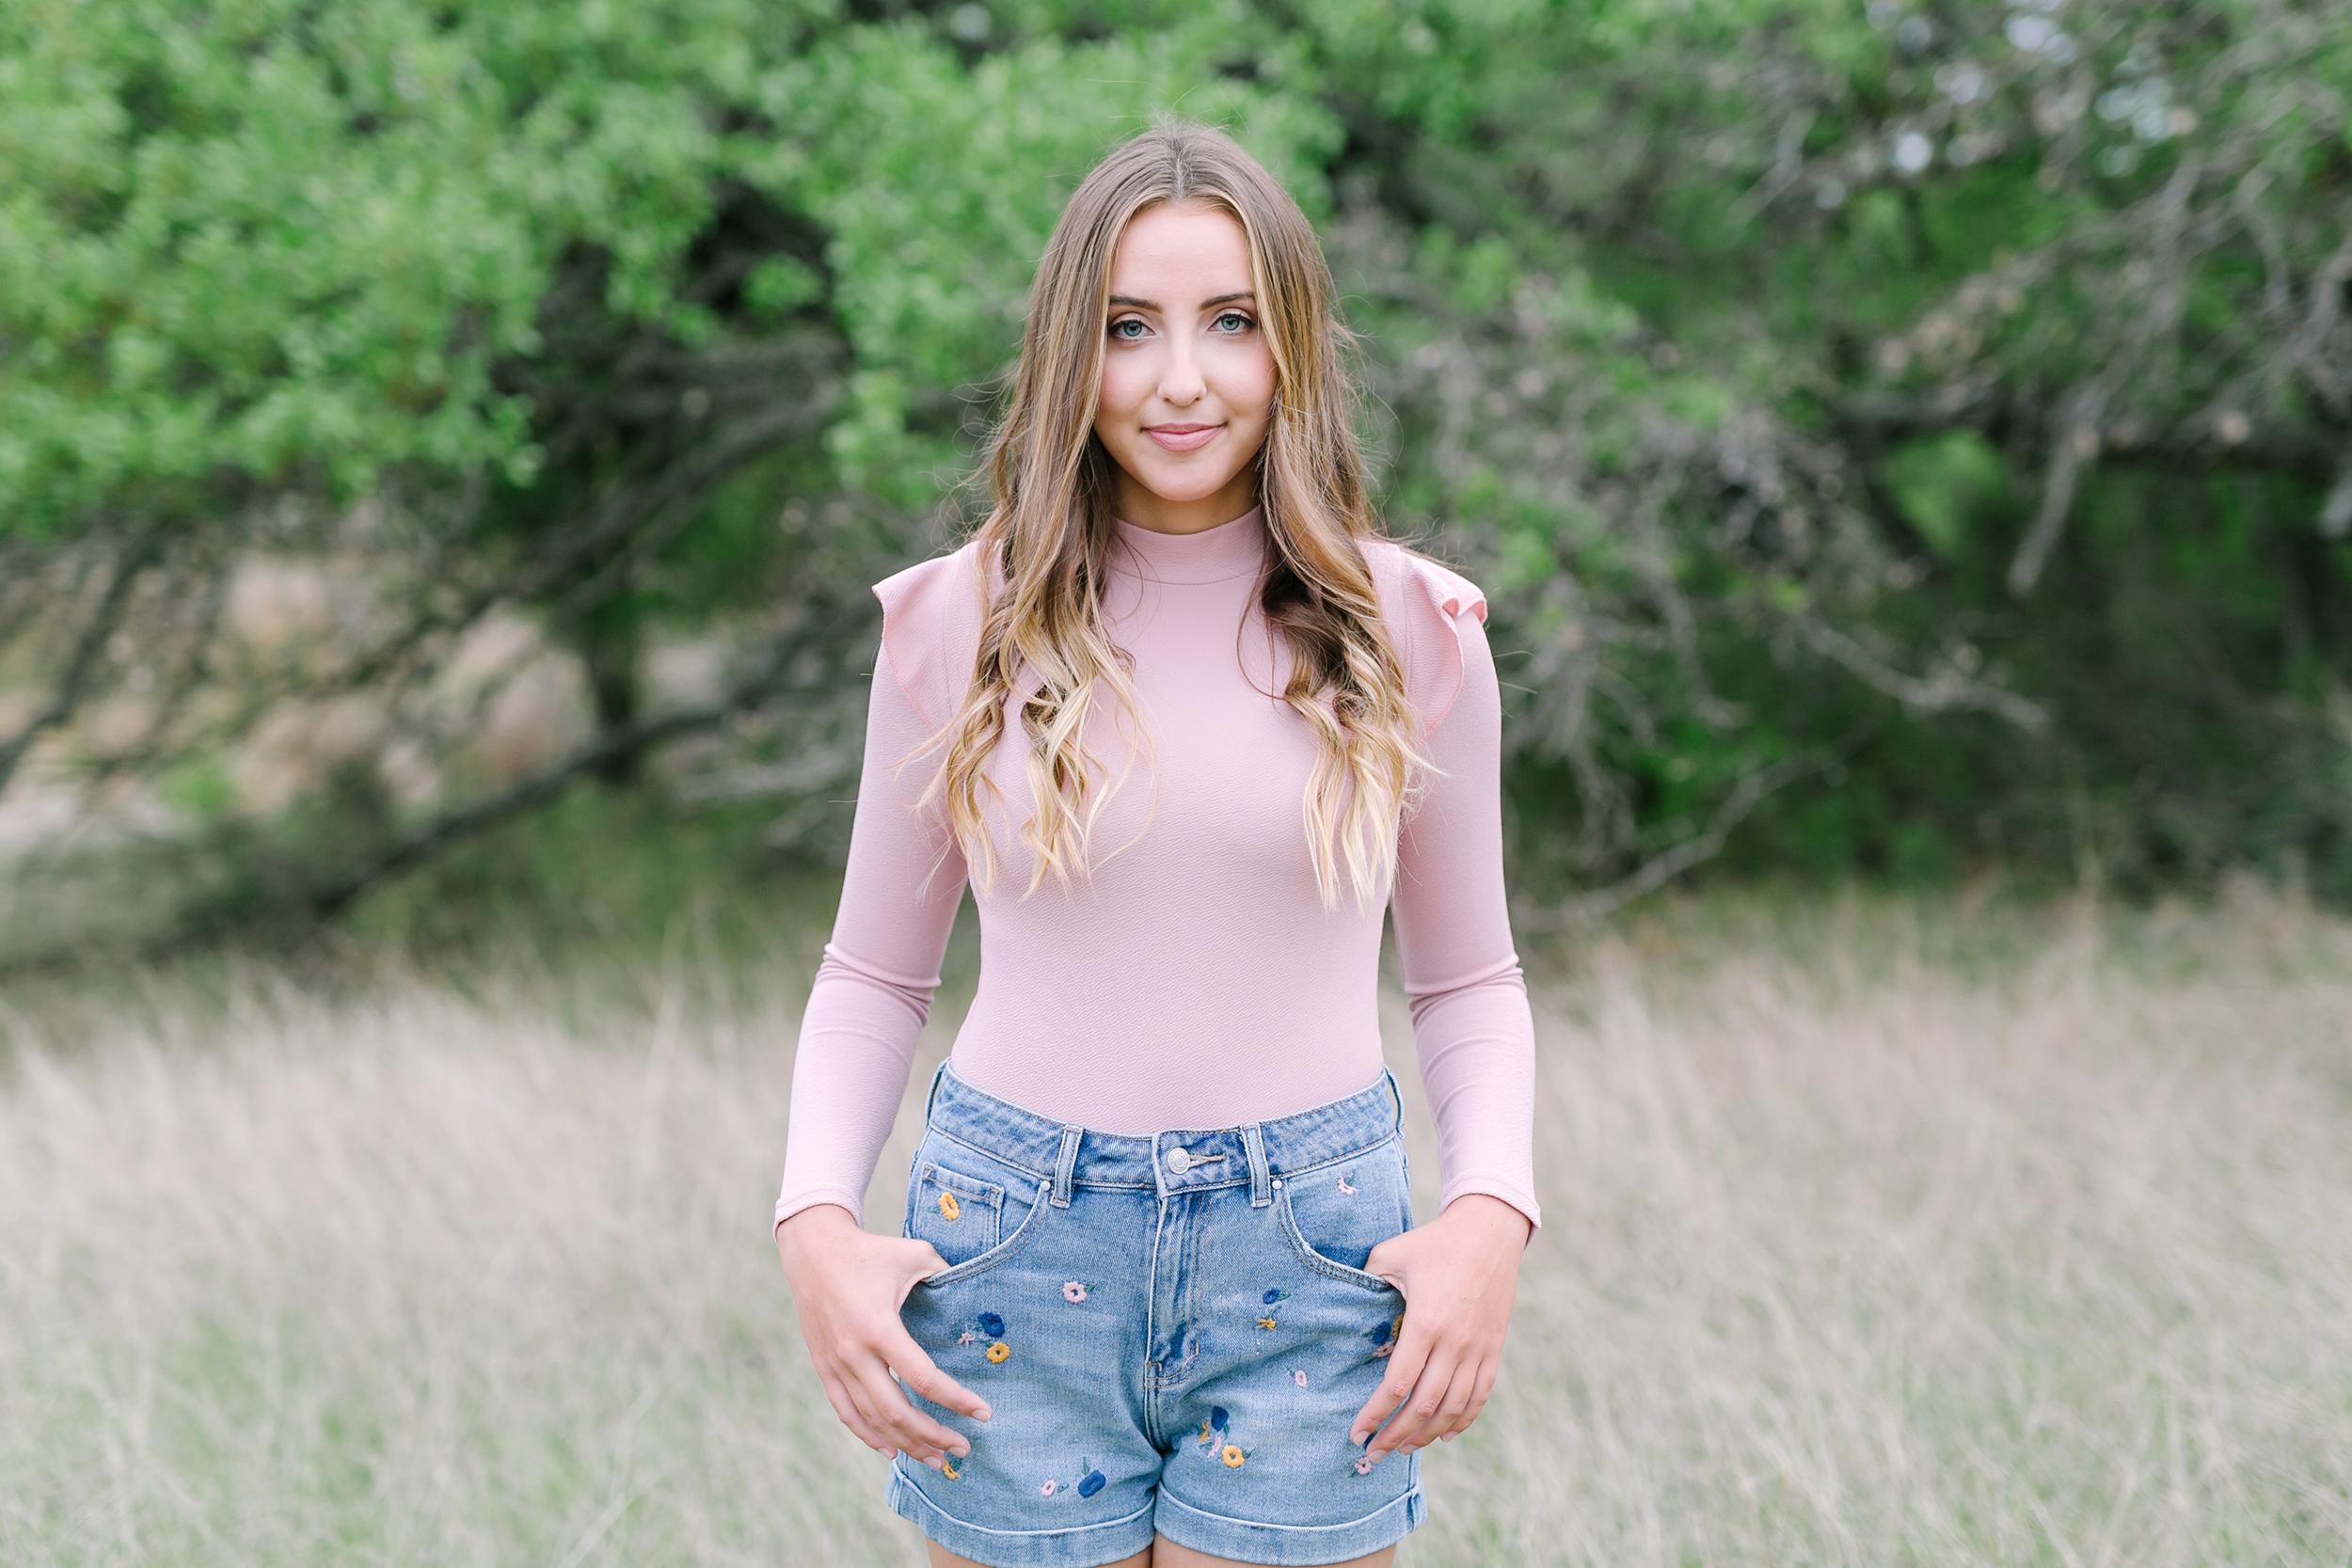 Austin_TX_Teen_Portraits_KBP10.jpg